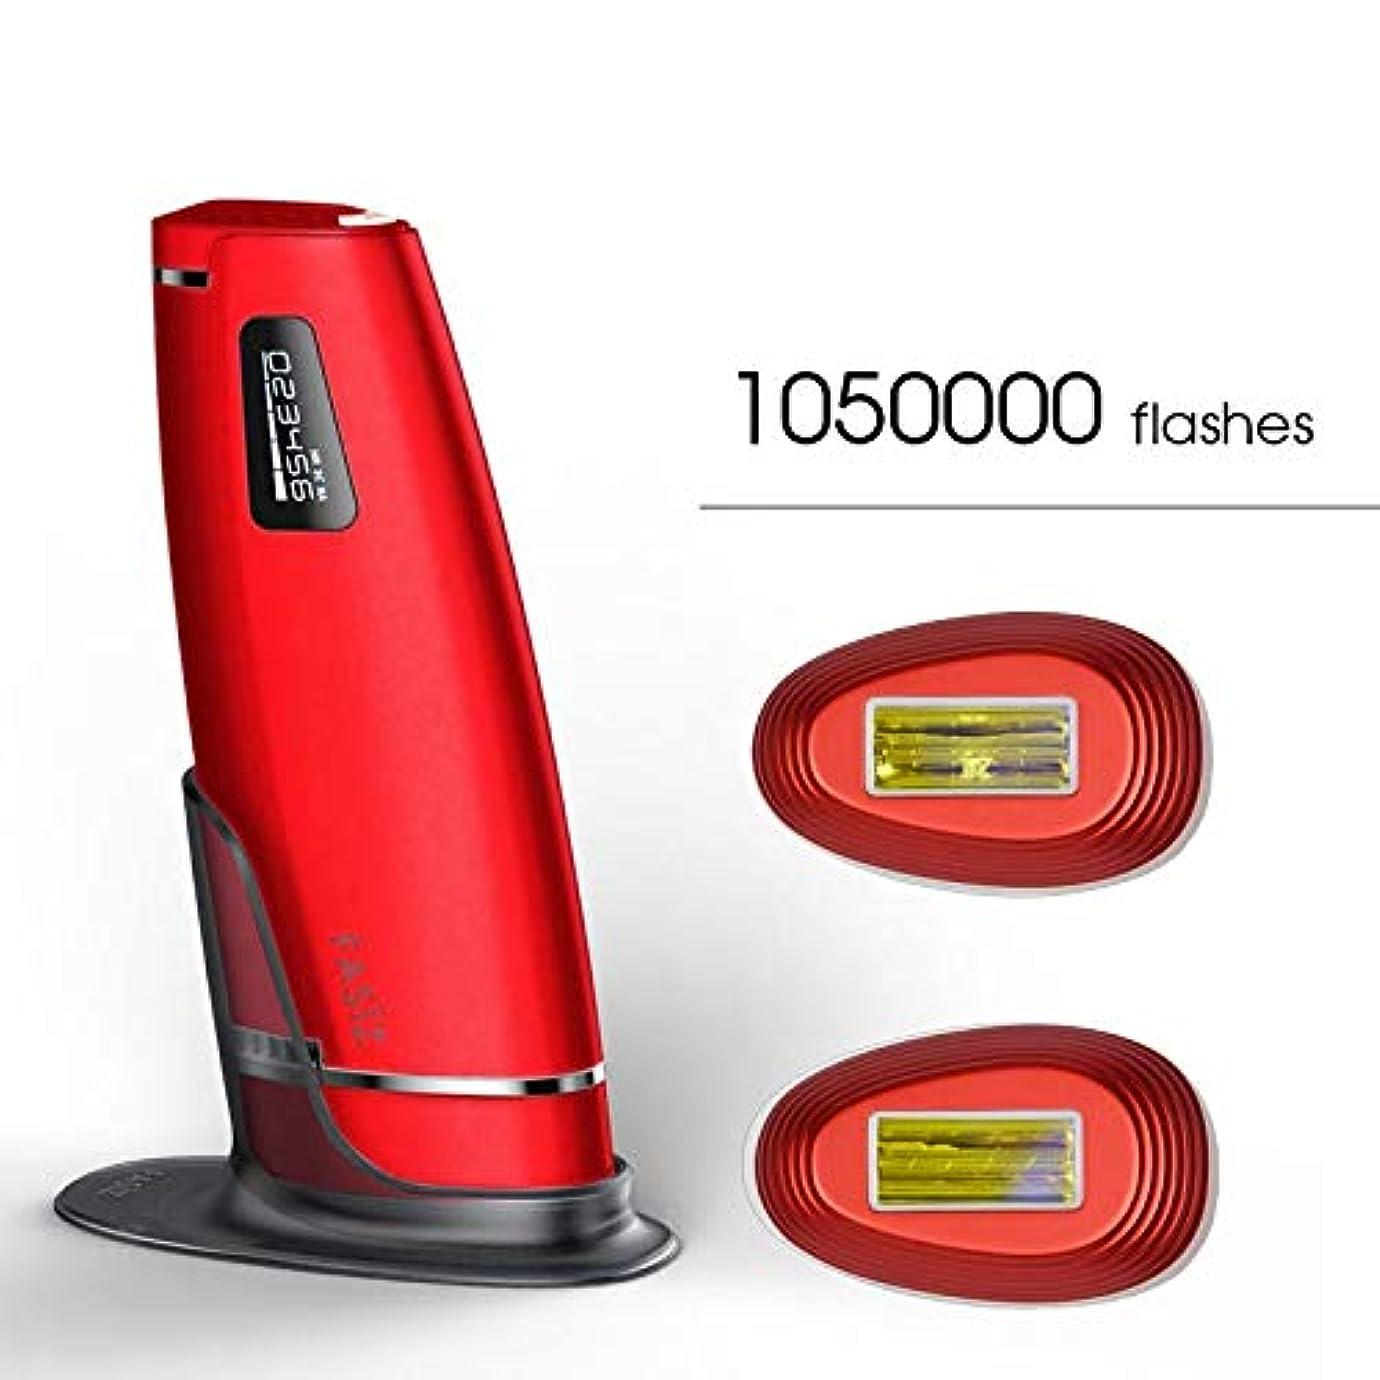 水陸両用テラス豊かなFANPING 3in1の1050000pulsed IPLレーザー脱毛デバイス永久脱毛IPLレーザー脱毛器脇脱毛機 (Color : 赤)